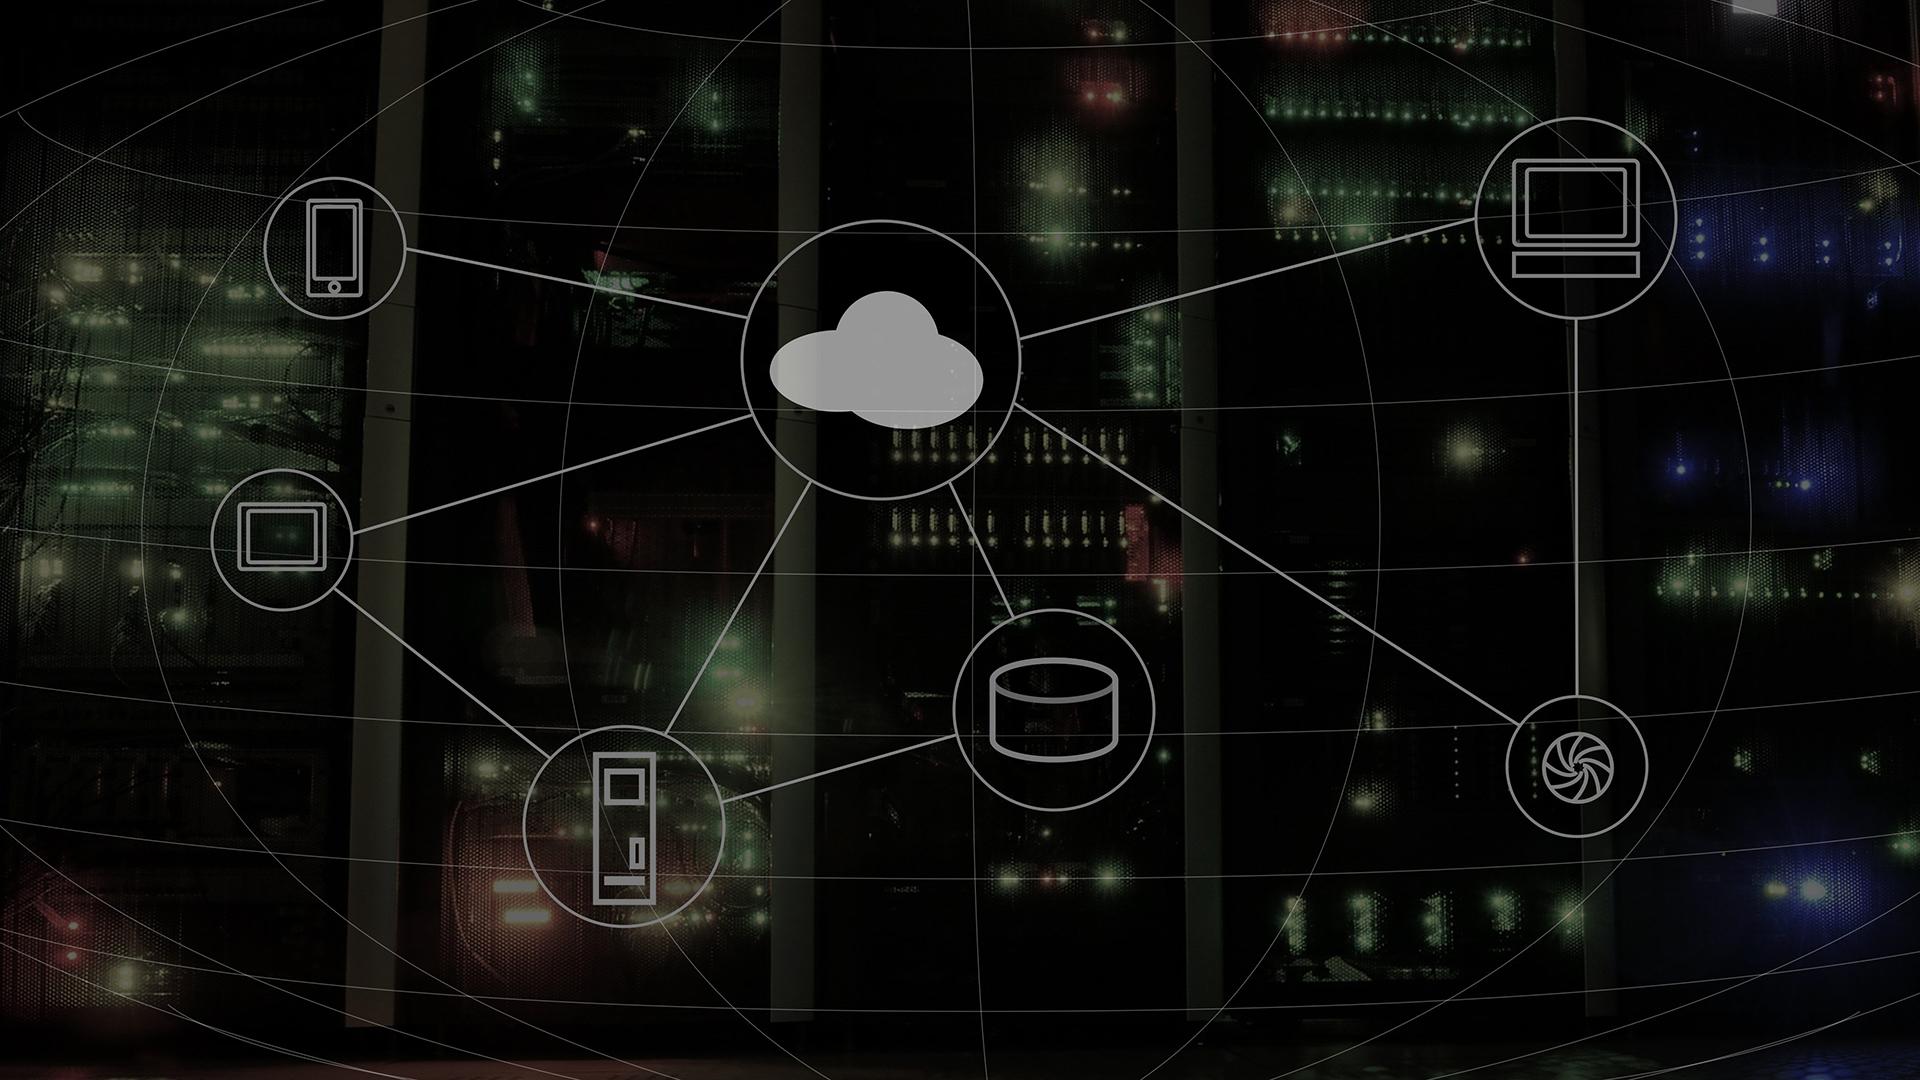 melhor hospedagem para lojas virtais hospedagem cloud